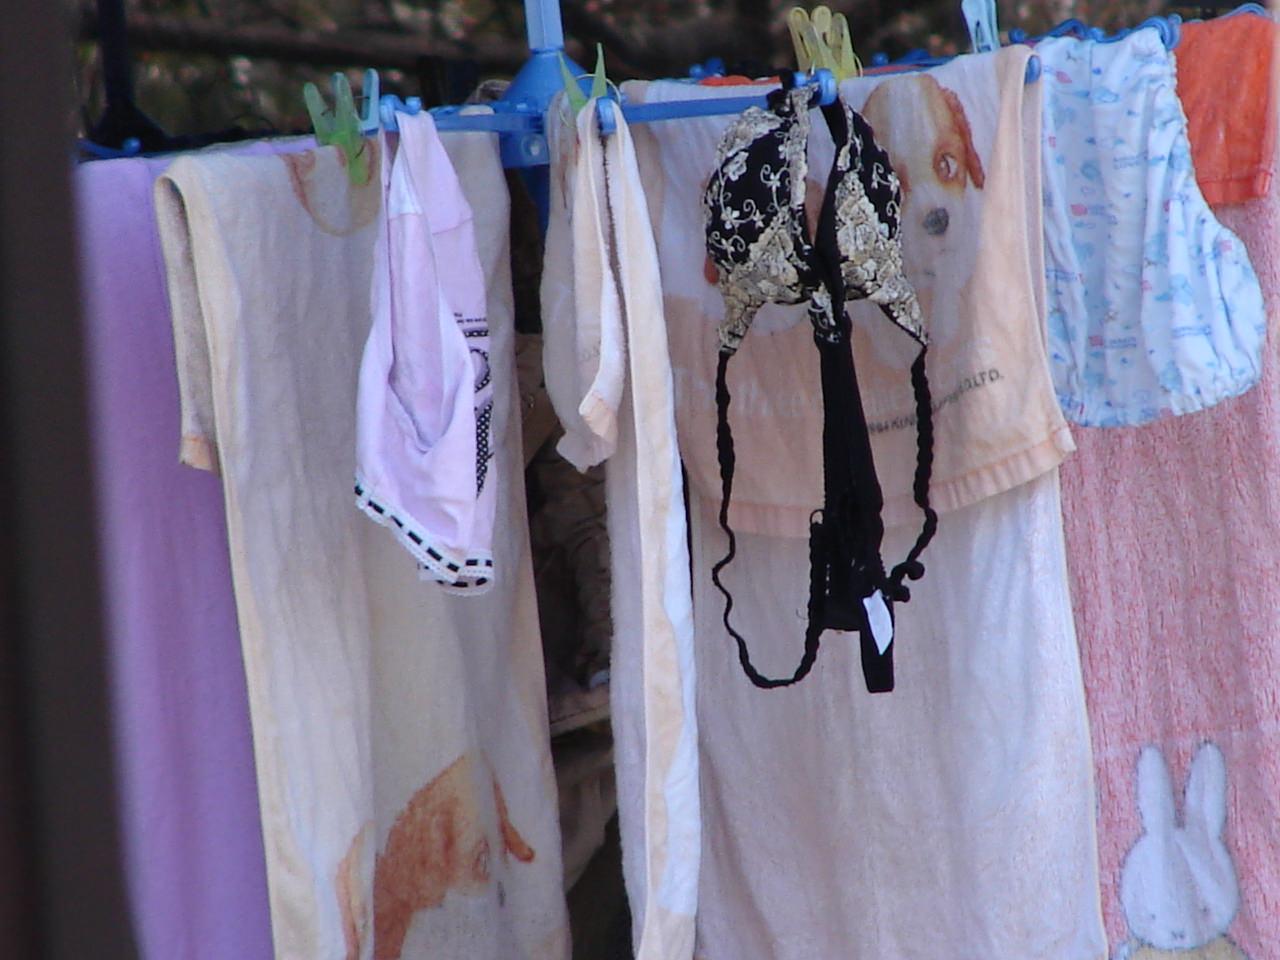 若い素人妻が暮らすベランダに干された洗濯物のブラやパンティーの下着エロ画像 2235